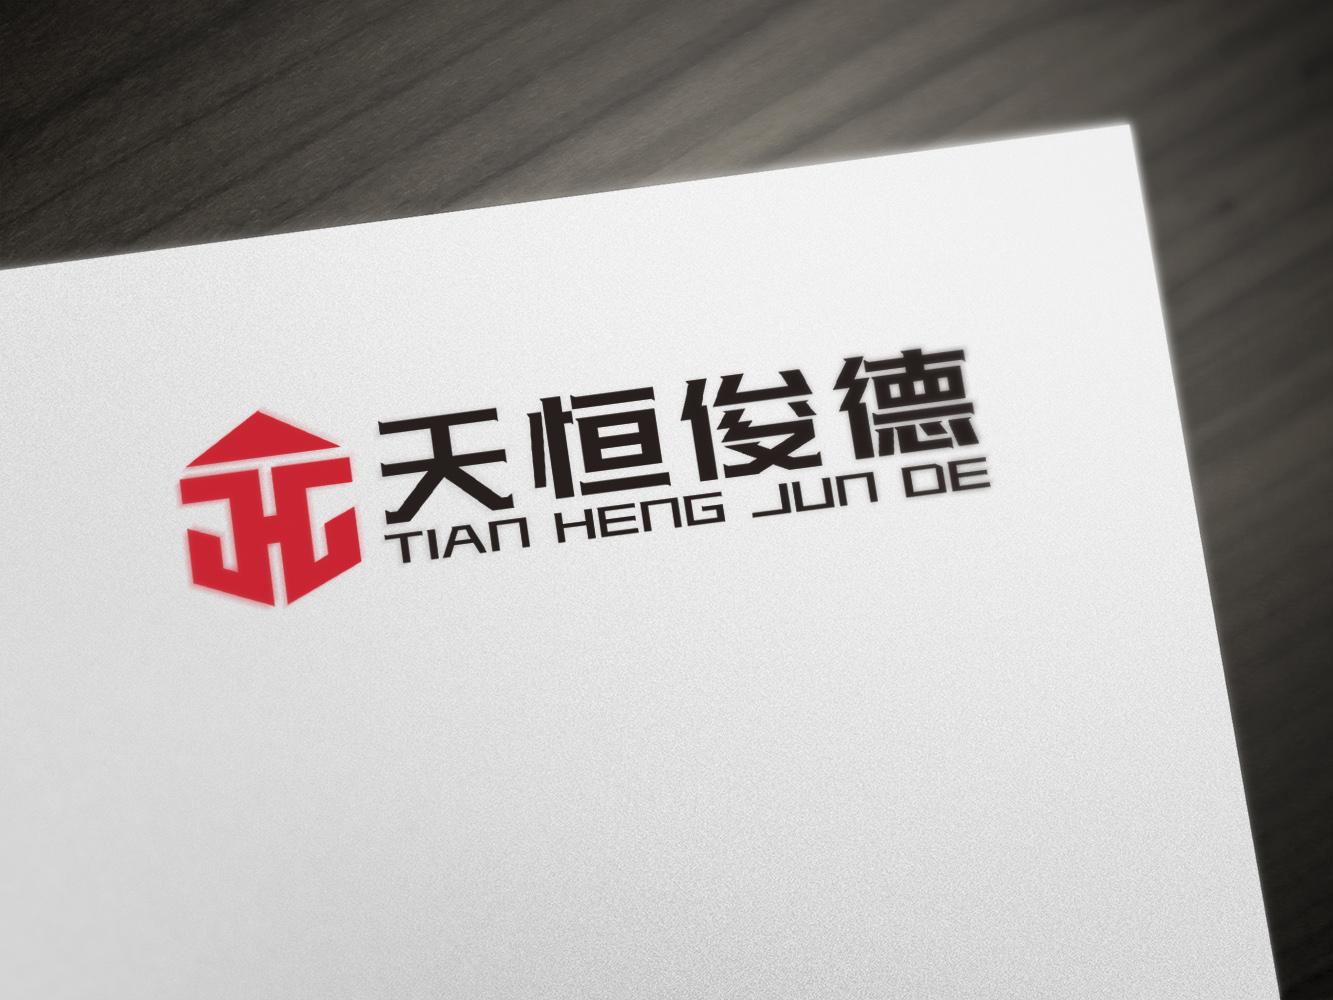 北京天恒俊德物业管理有限公司LOGO_3030371_k68威客网